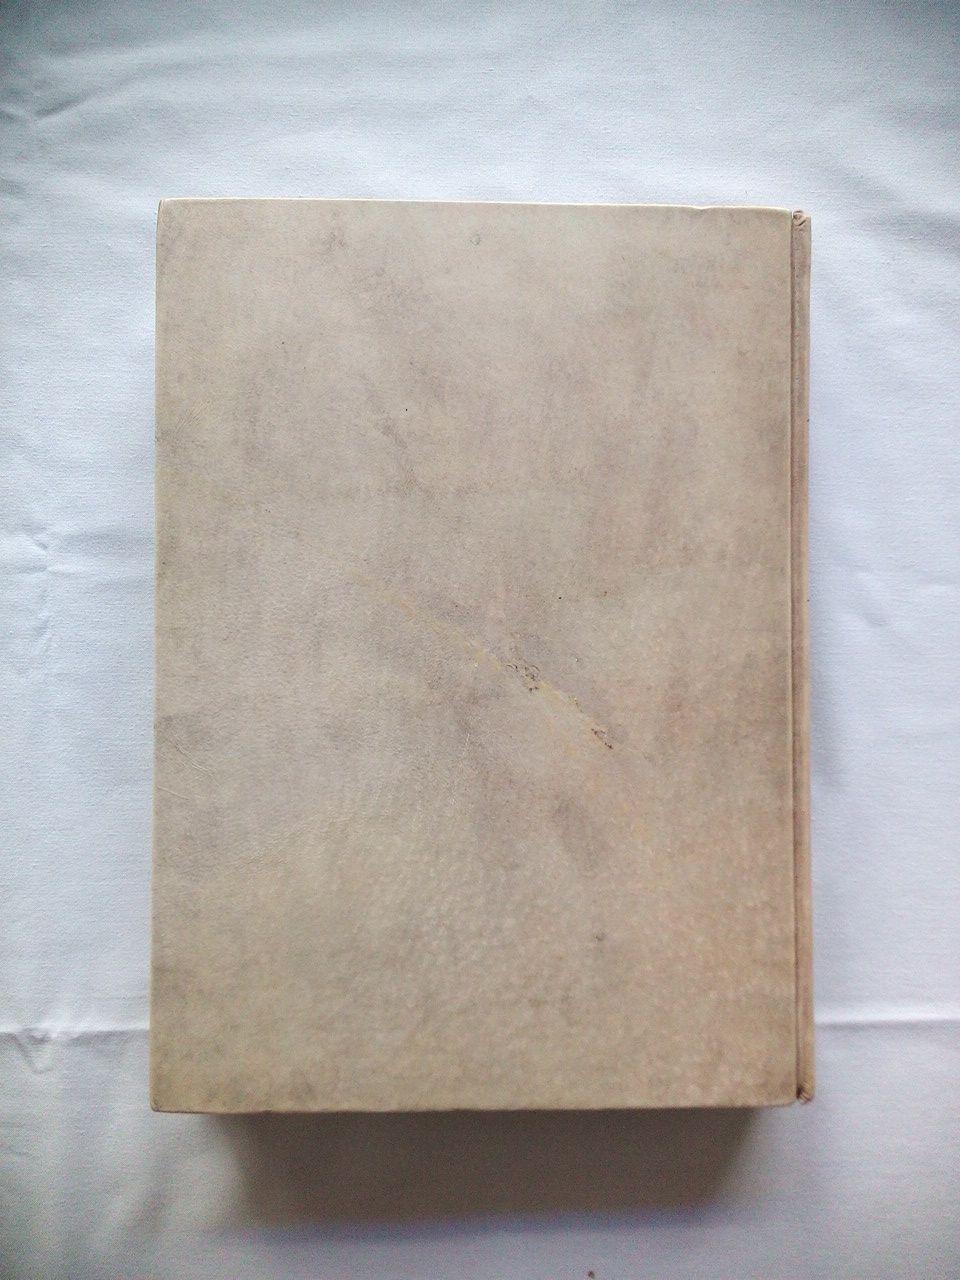 [Folio (I) sin numerar, comienza en 8 líneas] Tullius de Officiis cum co(m)mentariis Petri Marsf(s)i / eiuf(s)q3(ue) recognitione & addito(n)nibus. Cuius epif(s)tolas / quaef(s)o q(quam) f(s)edulo perlegas & in principio & in calce o- / peris editaf(s). Inf(s)unt preterea paradoxa:de amicic(t)ia / de f(s)enectute cum interpretibus f(s)uis. Quae omnia no- / u(v)iff(ss)ime per Paulum Malleolum exacte sunt reu(v)isa:ca / f(s)tigataq3(ue). A quo tabula quoq3(ue) tam rerum q(quam) u(v)ocabu- / lorum notabilium inf(s)uper est adiecta. [Sigue debajo la marca del librero grabada en madera. Arbol al centro con un búho posado en su rama izquierda y otras dos aves más en la copa y la rama derecha del arbol, león y leopardo a los lados del arbol, sujetando un escudo con las iniciales del librero I. P. anudadas, todo flanqueado por dos arboles con sendos angelitos en sus ramas superiores. Y al pie del grabado el nombre en mayúsculas del librero IEHAN PETIT]. [Debajo del grabado, en 2 líneas dice] V